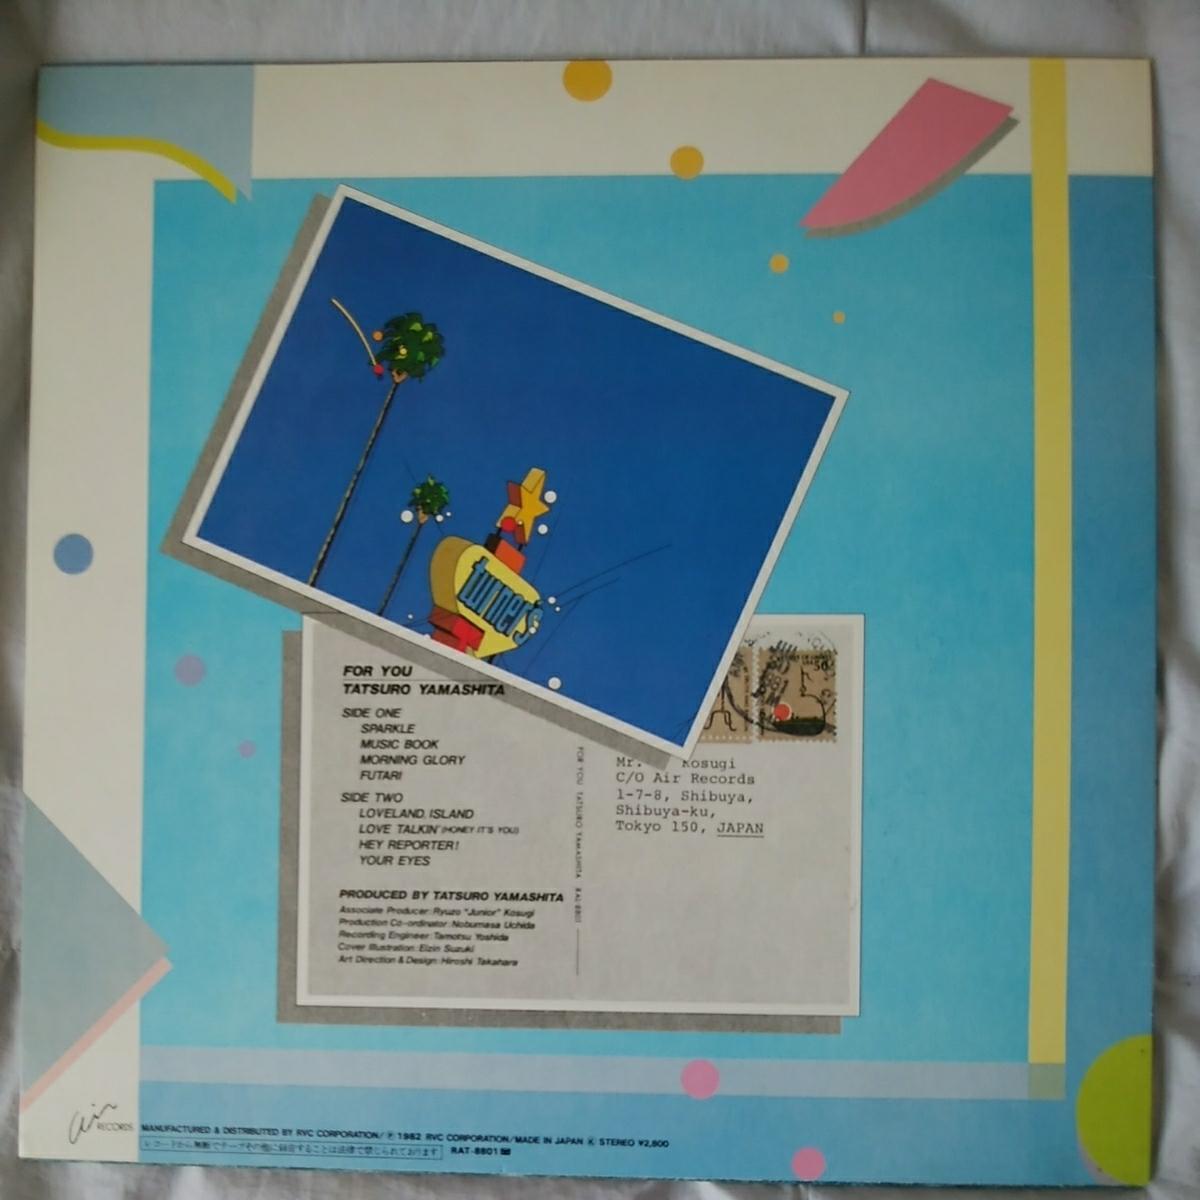 【2枚セット】山下達郎 ♪♪ FOR YOU / MELODIES LPレコード_画像3